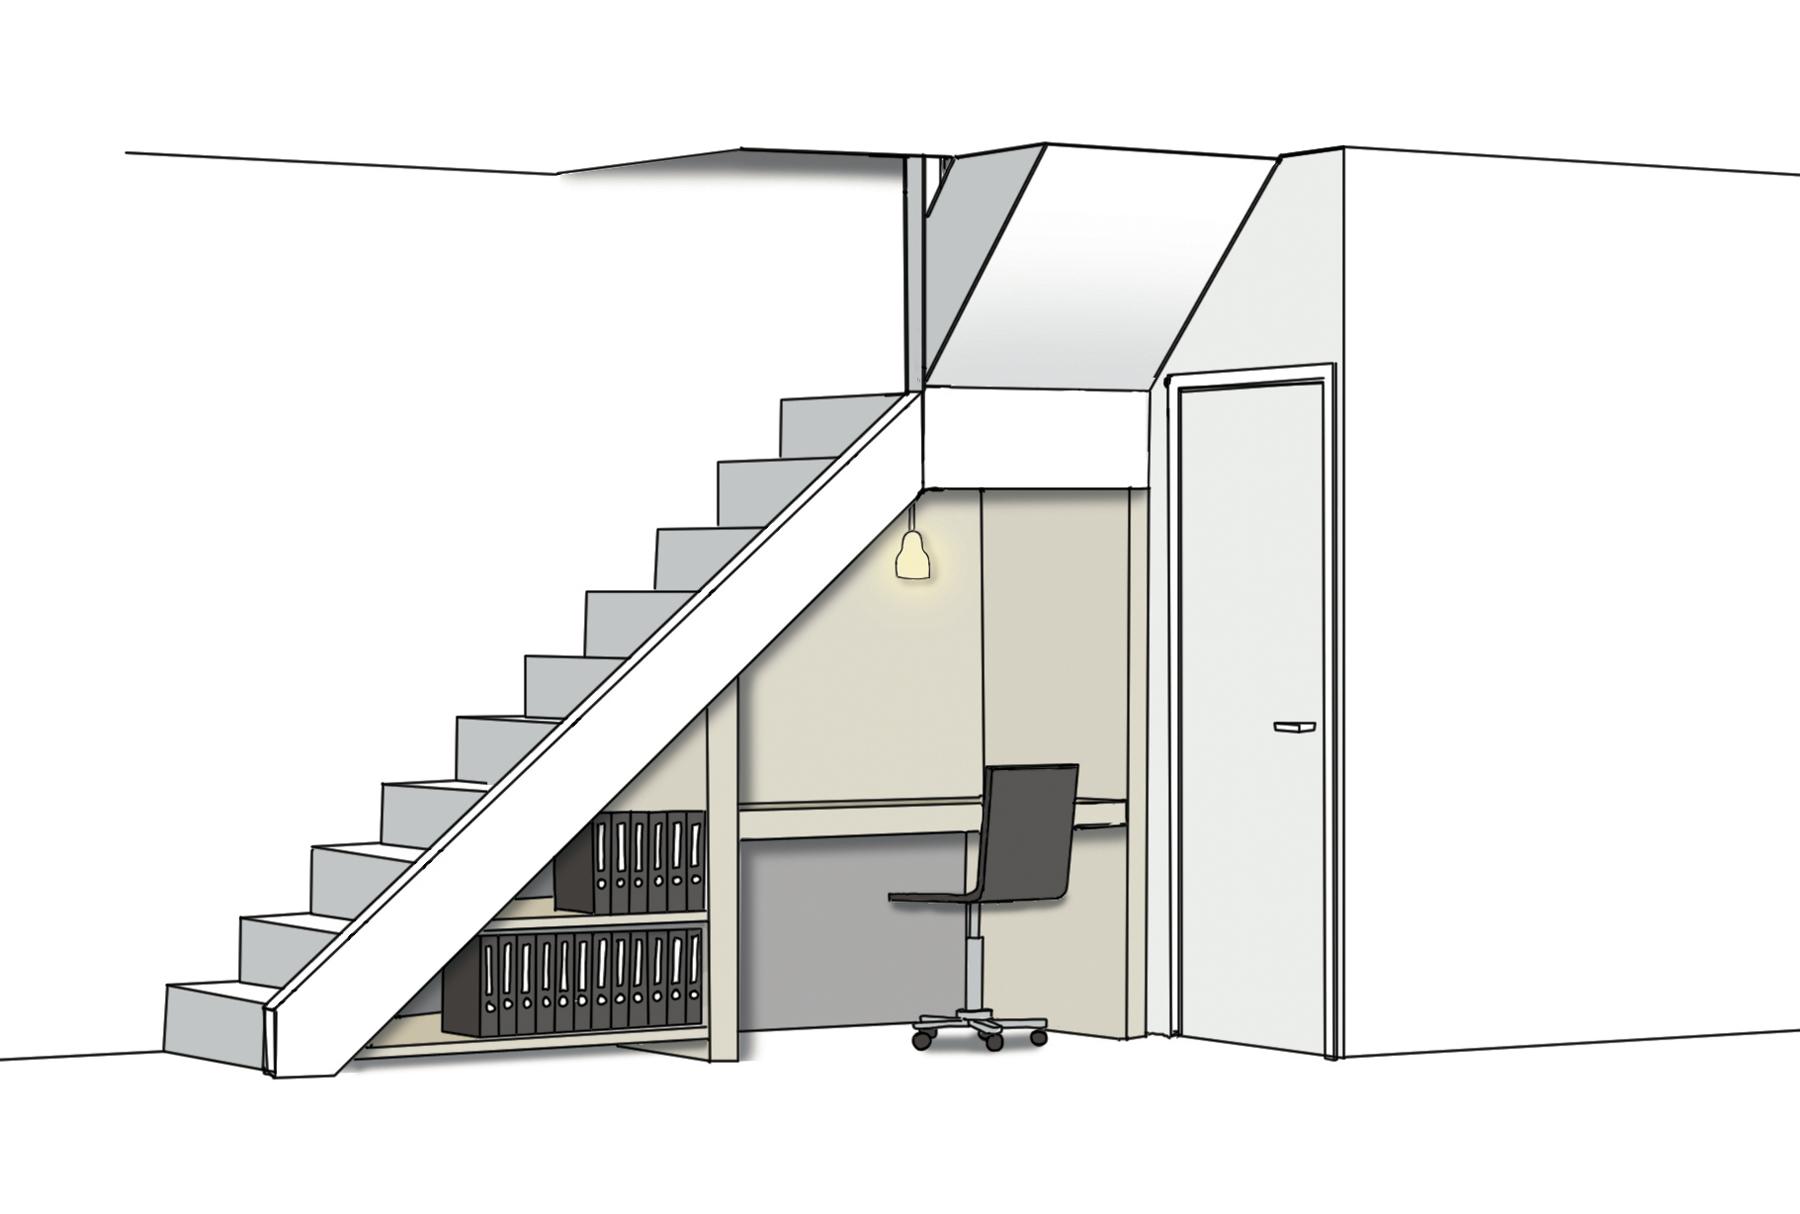 werkplek-tekening-findio